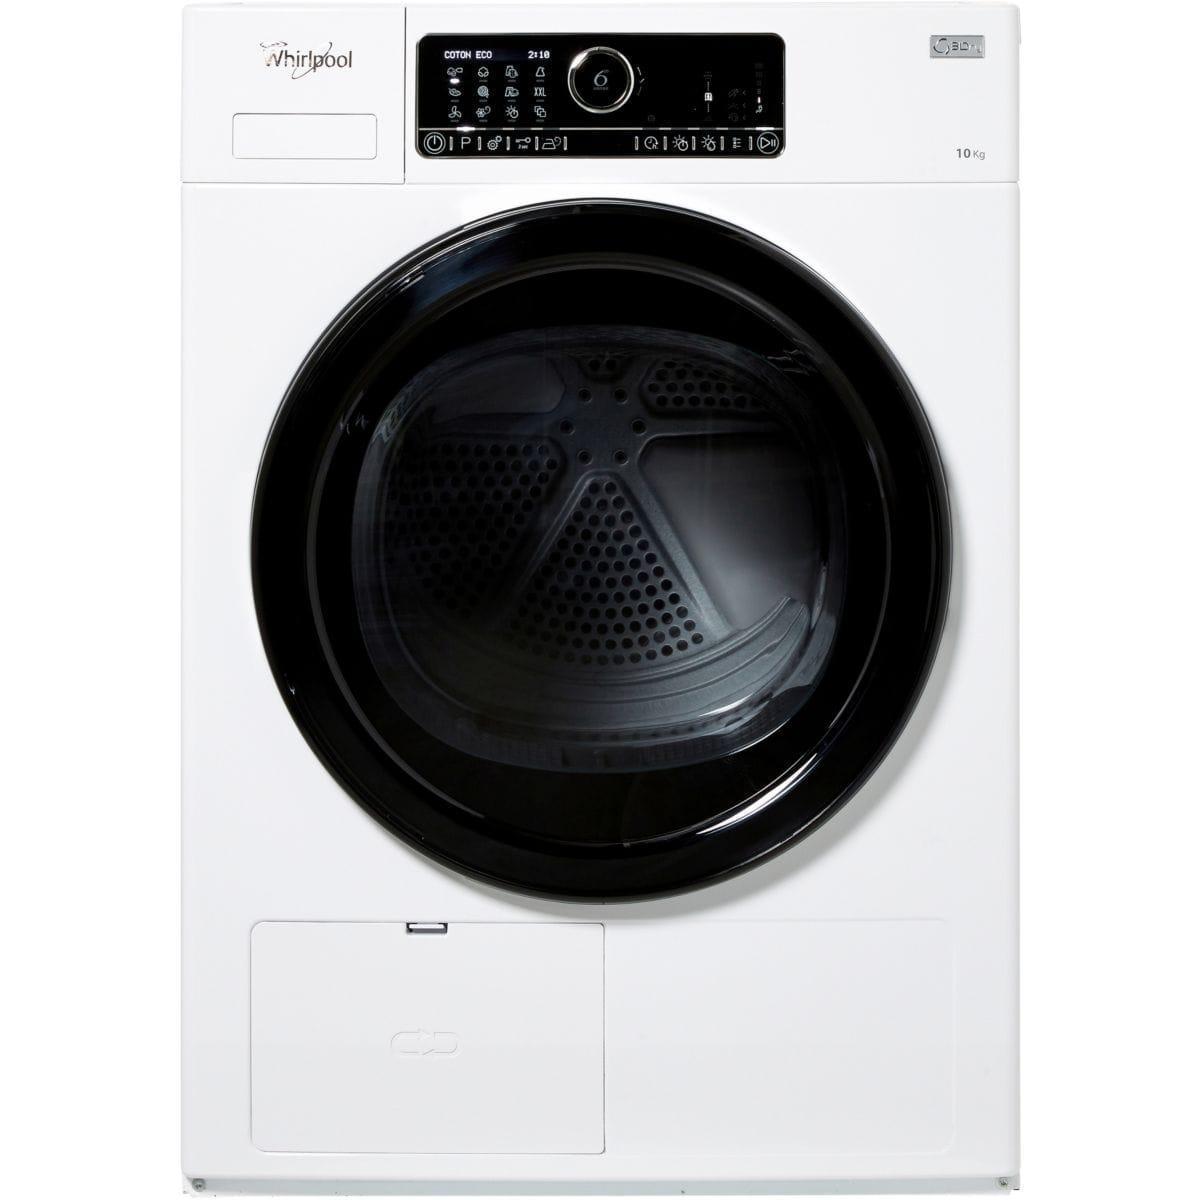 Sèche-linge pompe à chaleur frontal WHIRLPOOL HSCX 10432